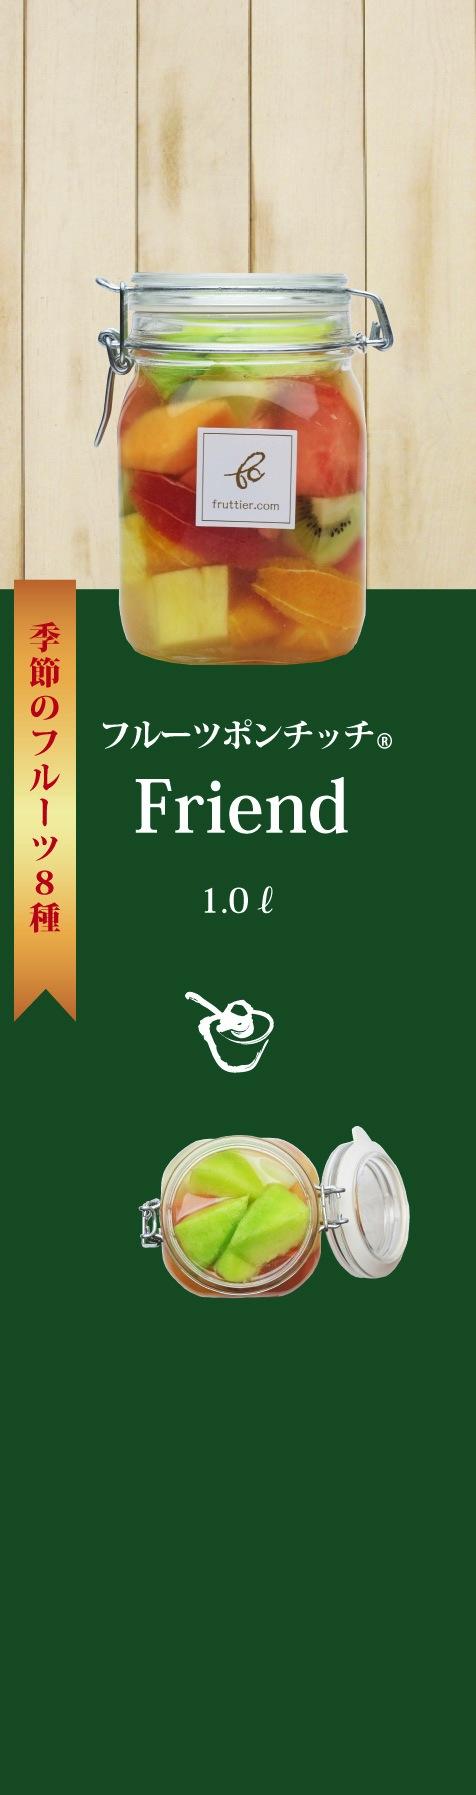 """フルーツポンチッチFriend""""メロン食べ比べ"""""""